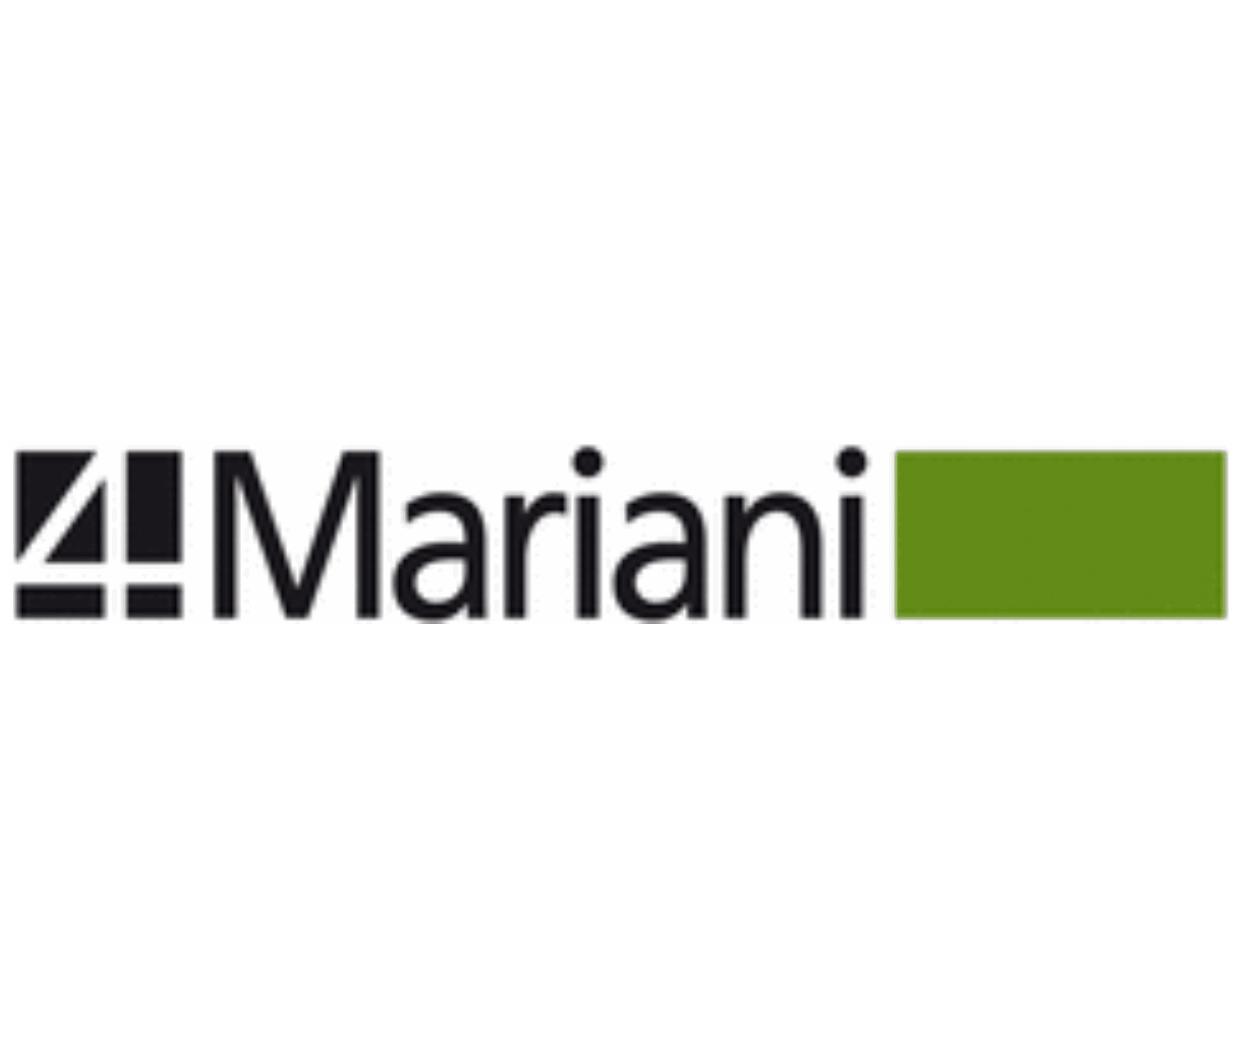 4 Mariani